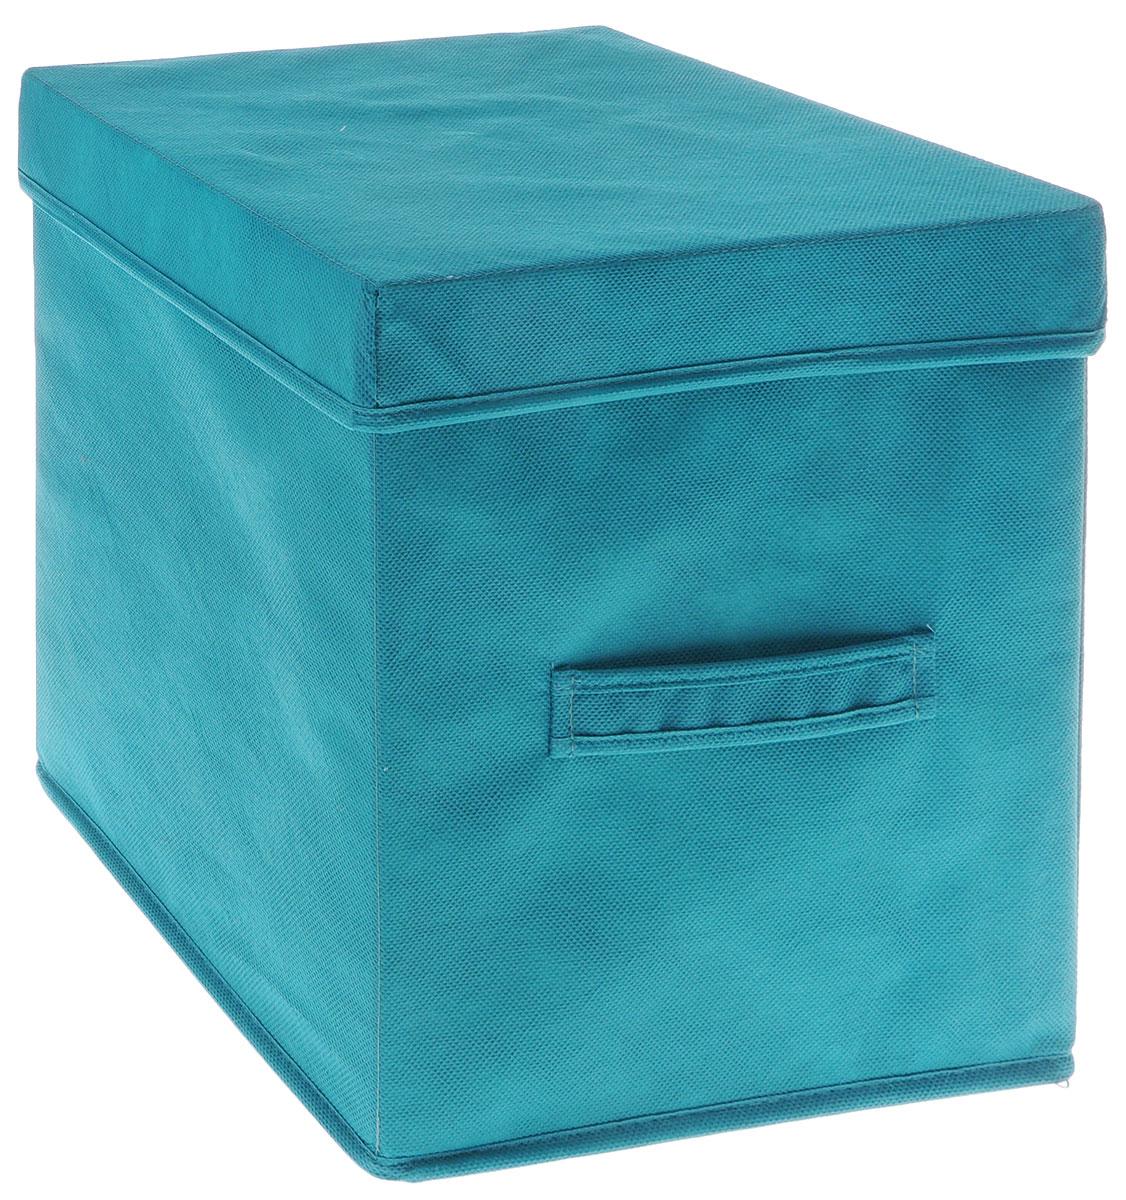 Коробка для вещей и игрушек Все на местах Minimalistic, с крышкой, цвет: бирюзовый, 30 х 30 х 30 см1012036.Коробка с крышкой Minimalistic выполнена из высококачественного нетканого материала, который обеспечивает естественную вентиляцию и предназначен для хранения вещей или игрушек. Он защитит вещи от повреждений, пыли, влаги и загрязнений во время хранения и транспортировки. Размер коробки: 30 х 30 х 30 см.